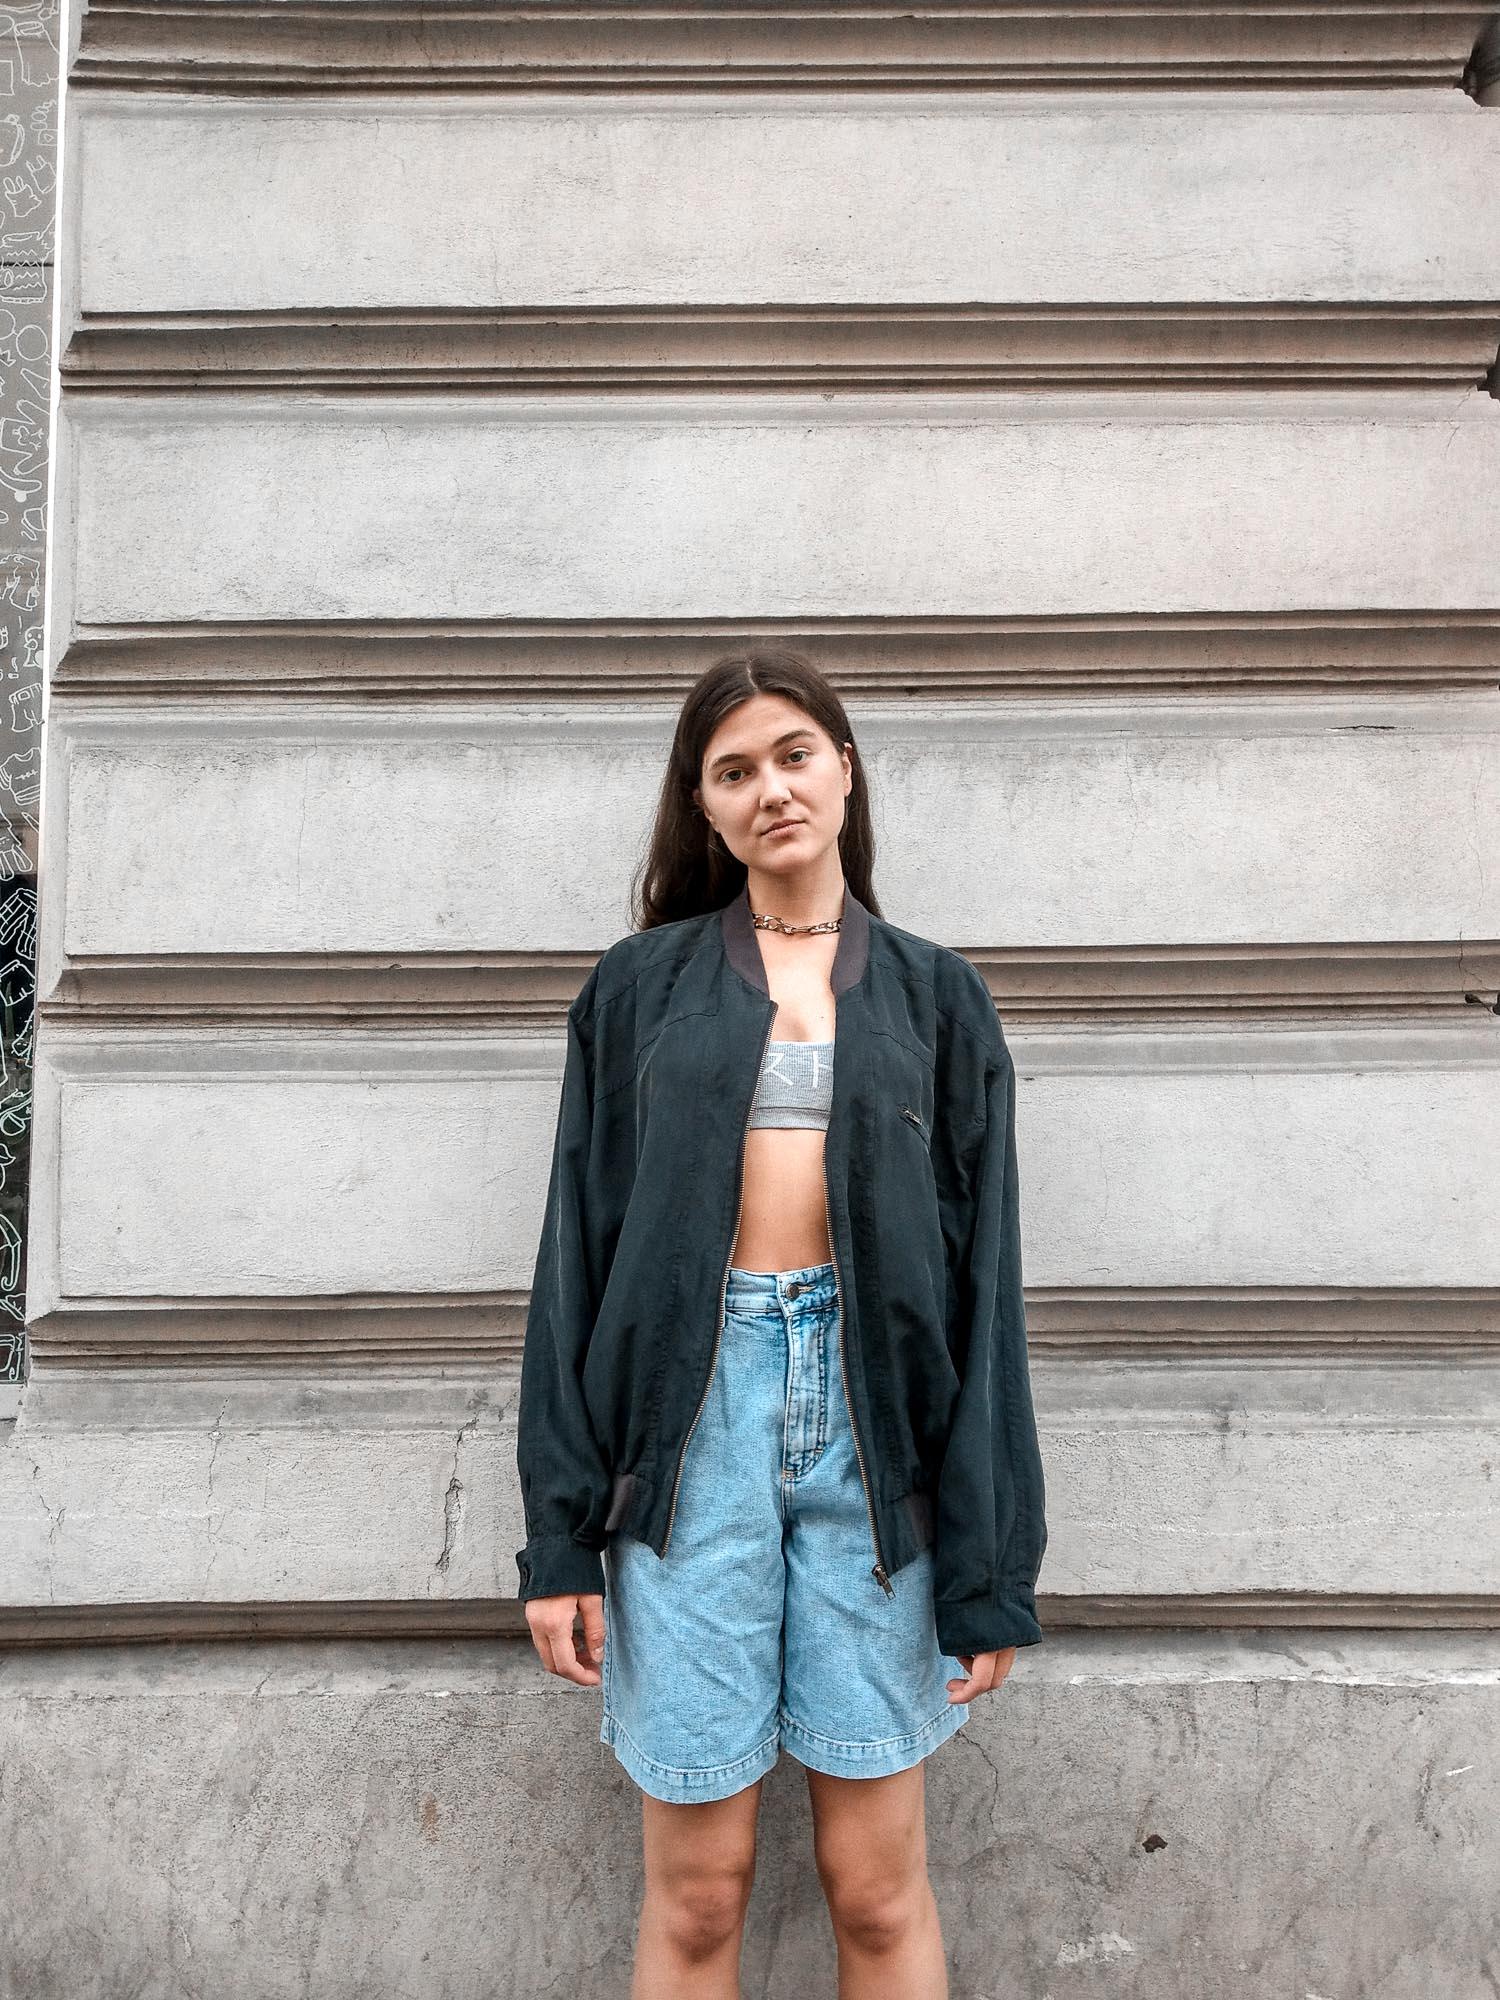 Schulterpolster entfernen aus Vintage 80er Jahre Jacken wie zB. Seidenbomber, Lederbomber